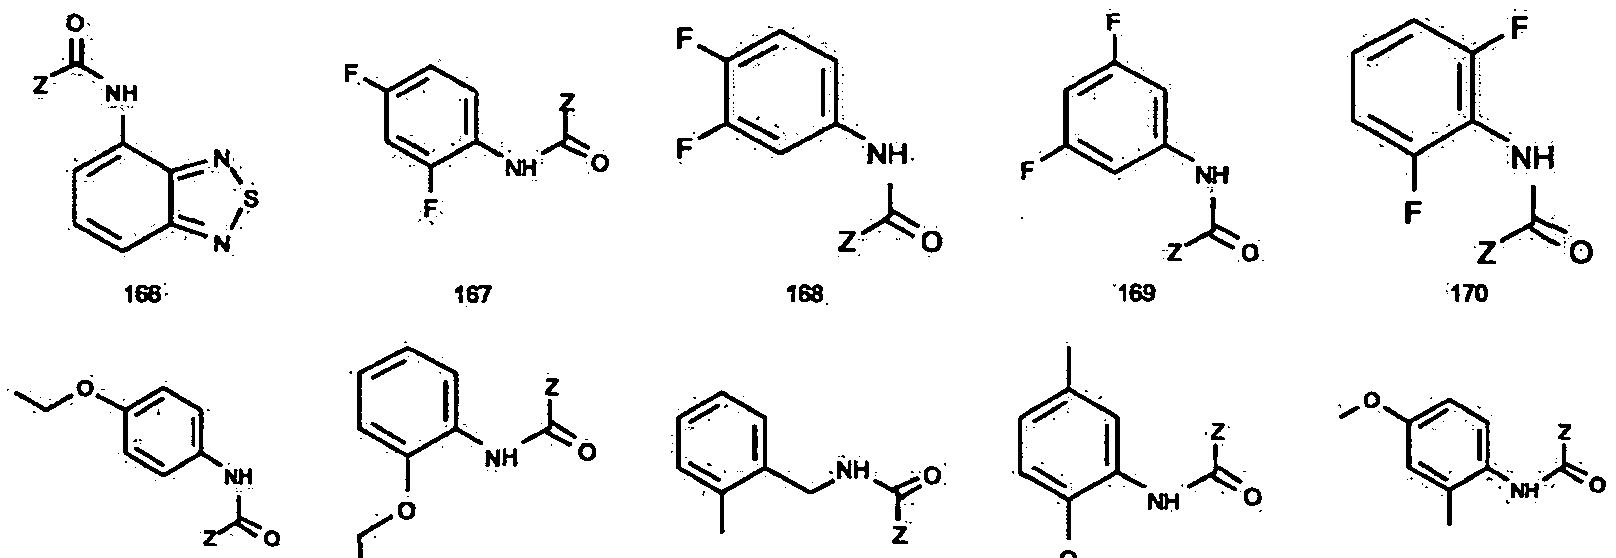 Figure imgf000034_0005